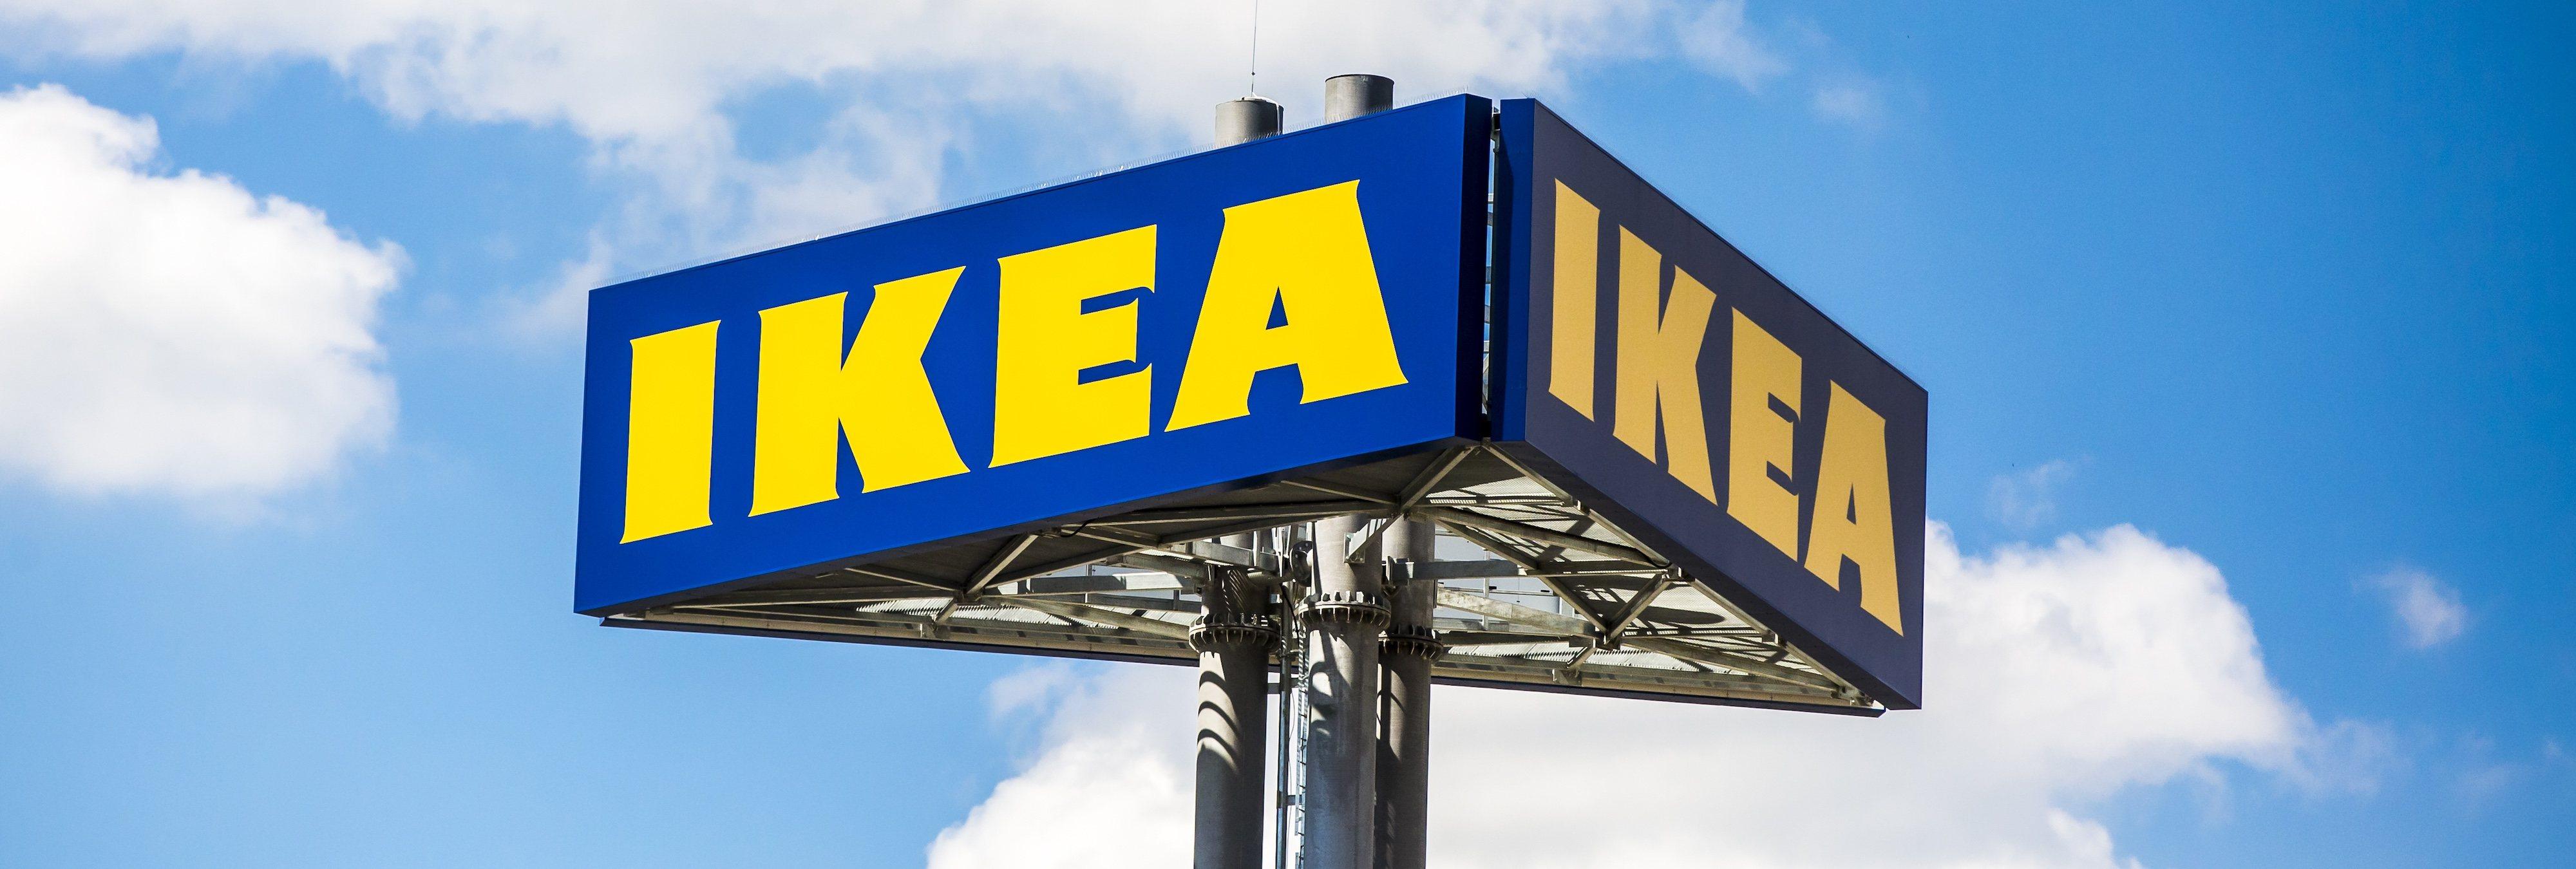 """Fin a los lápices y metros gratuitos de Ikea: los retira por """"sostenibilidad"""""""